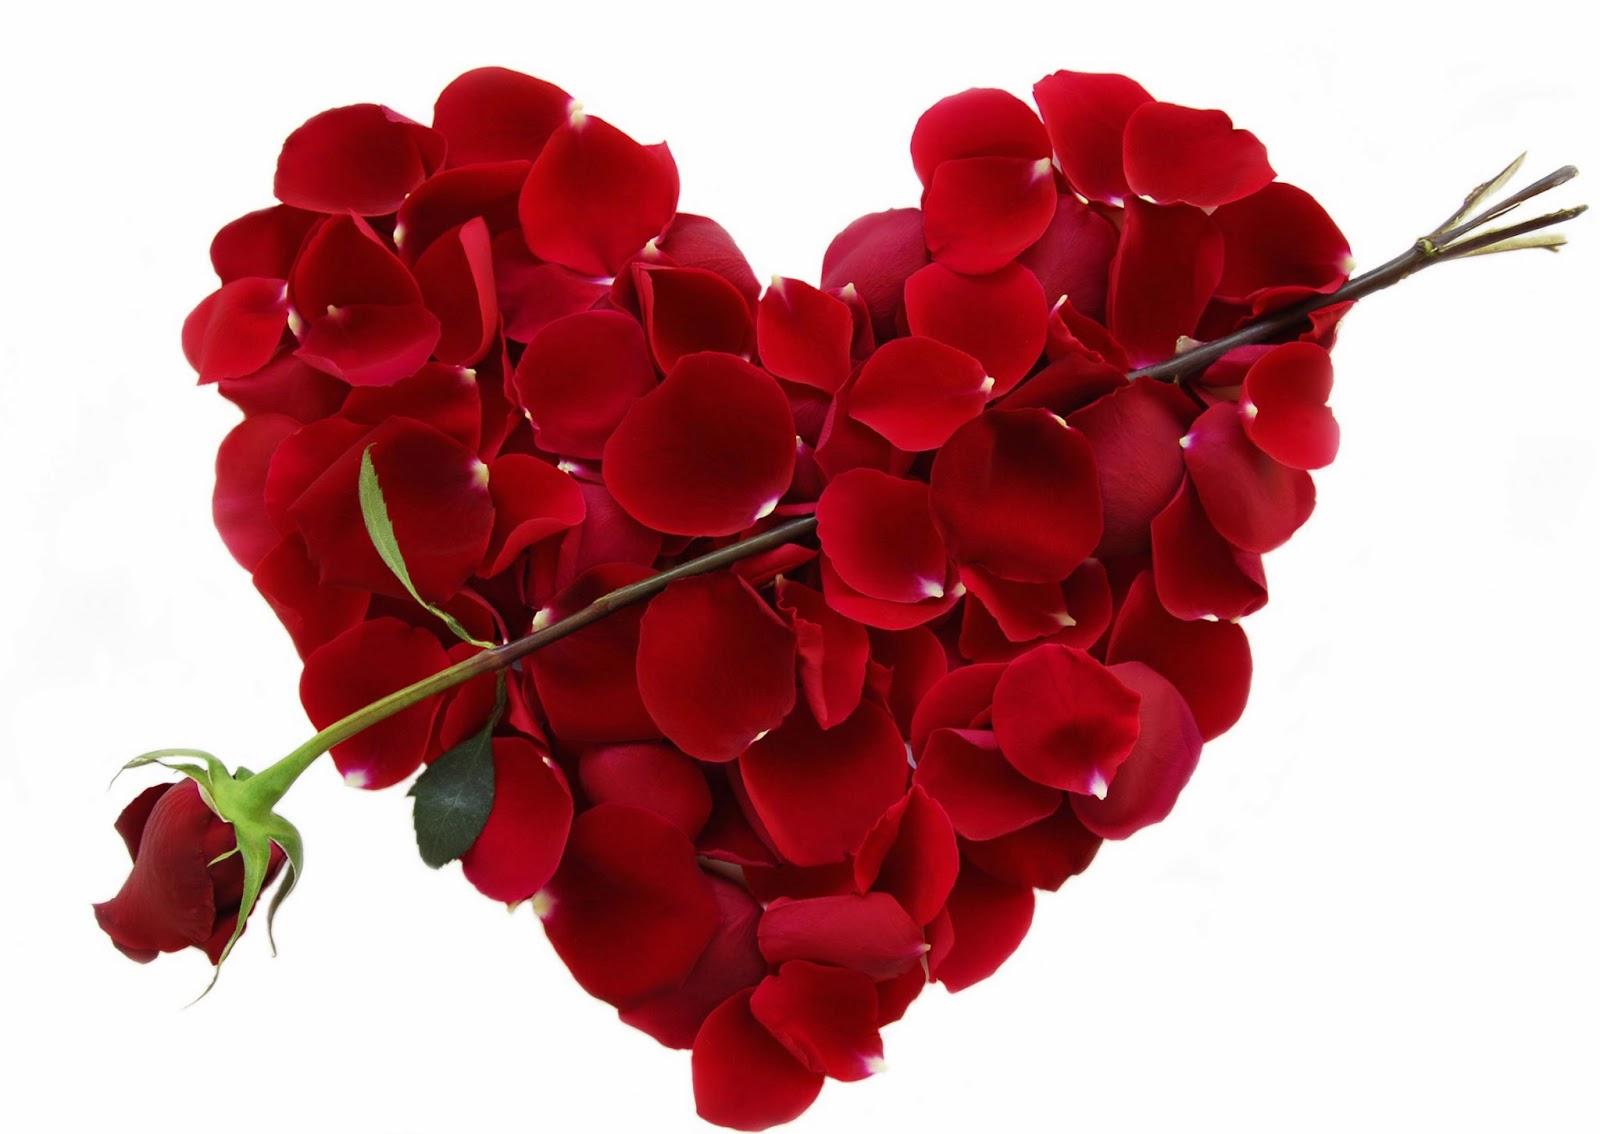 Hoa-hong-cho-valentine-6